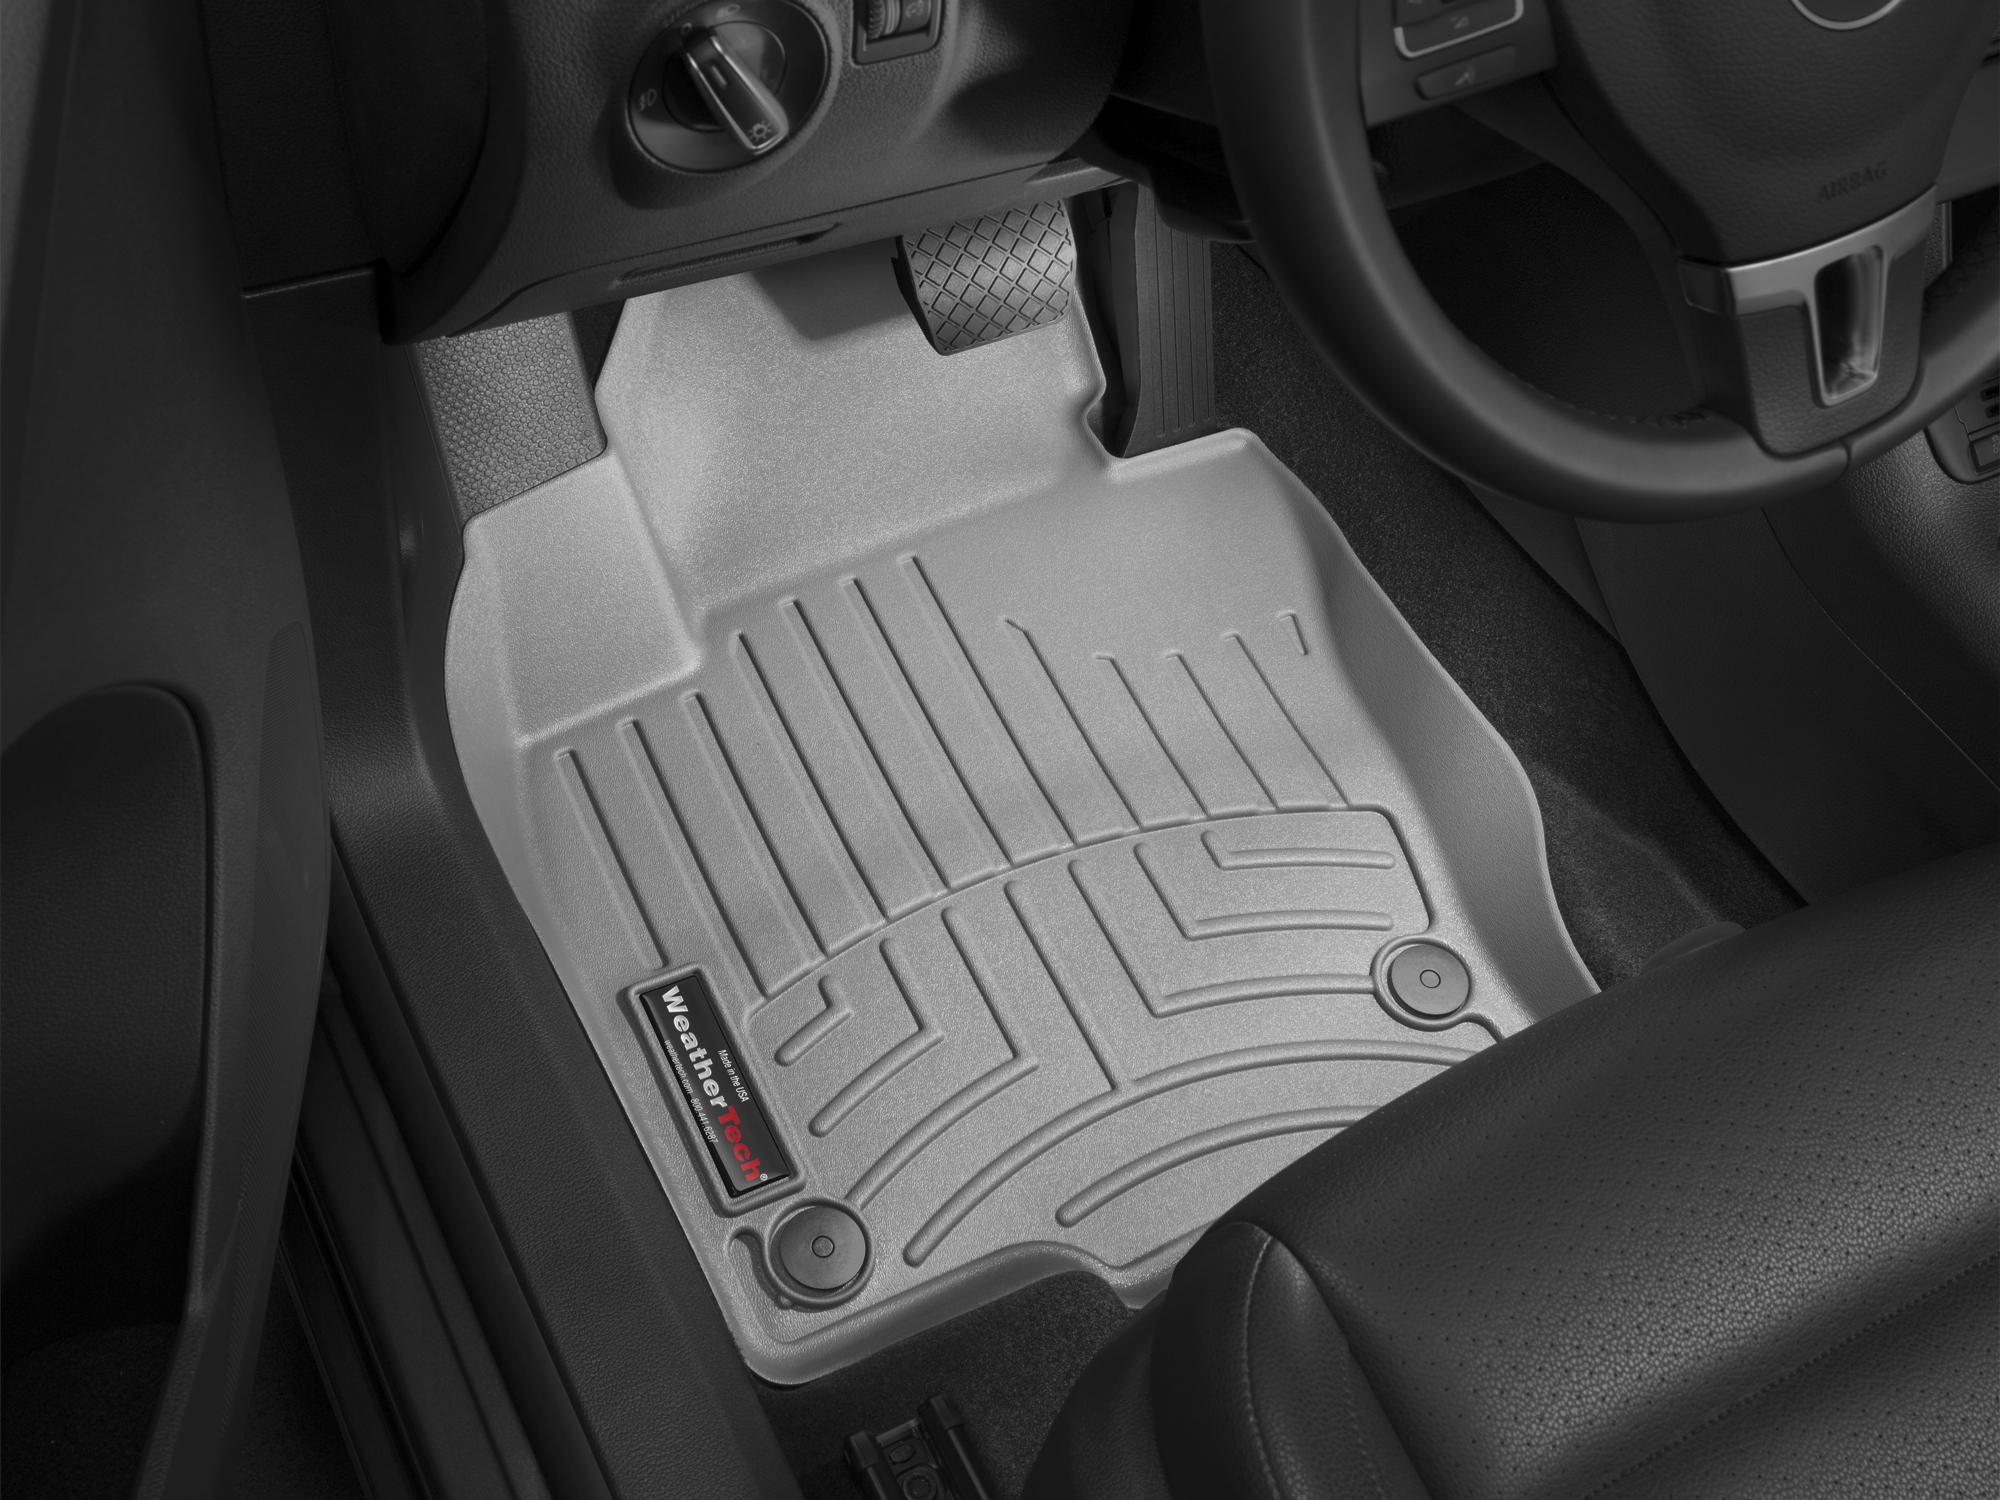 Tappeti gomma su misura bordo alto Volkswagen Tiguan 16>16 Grigio A4267*